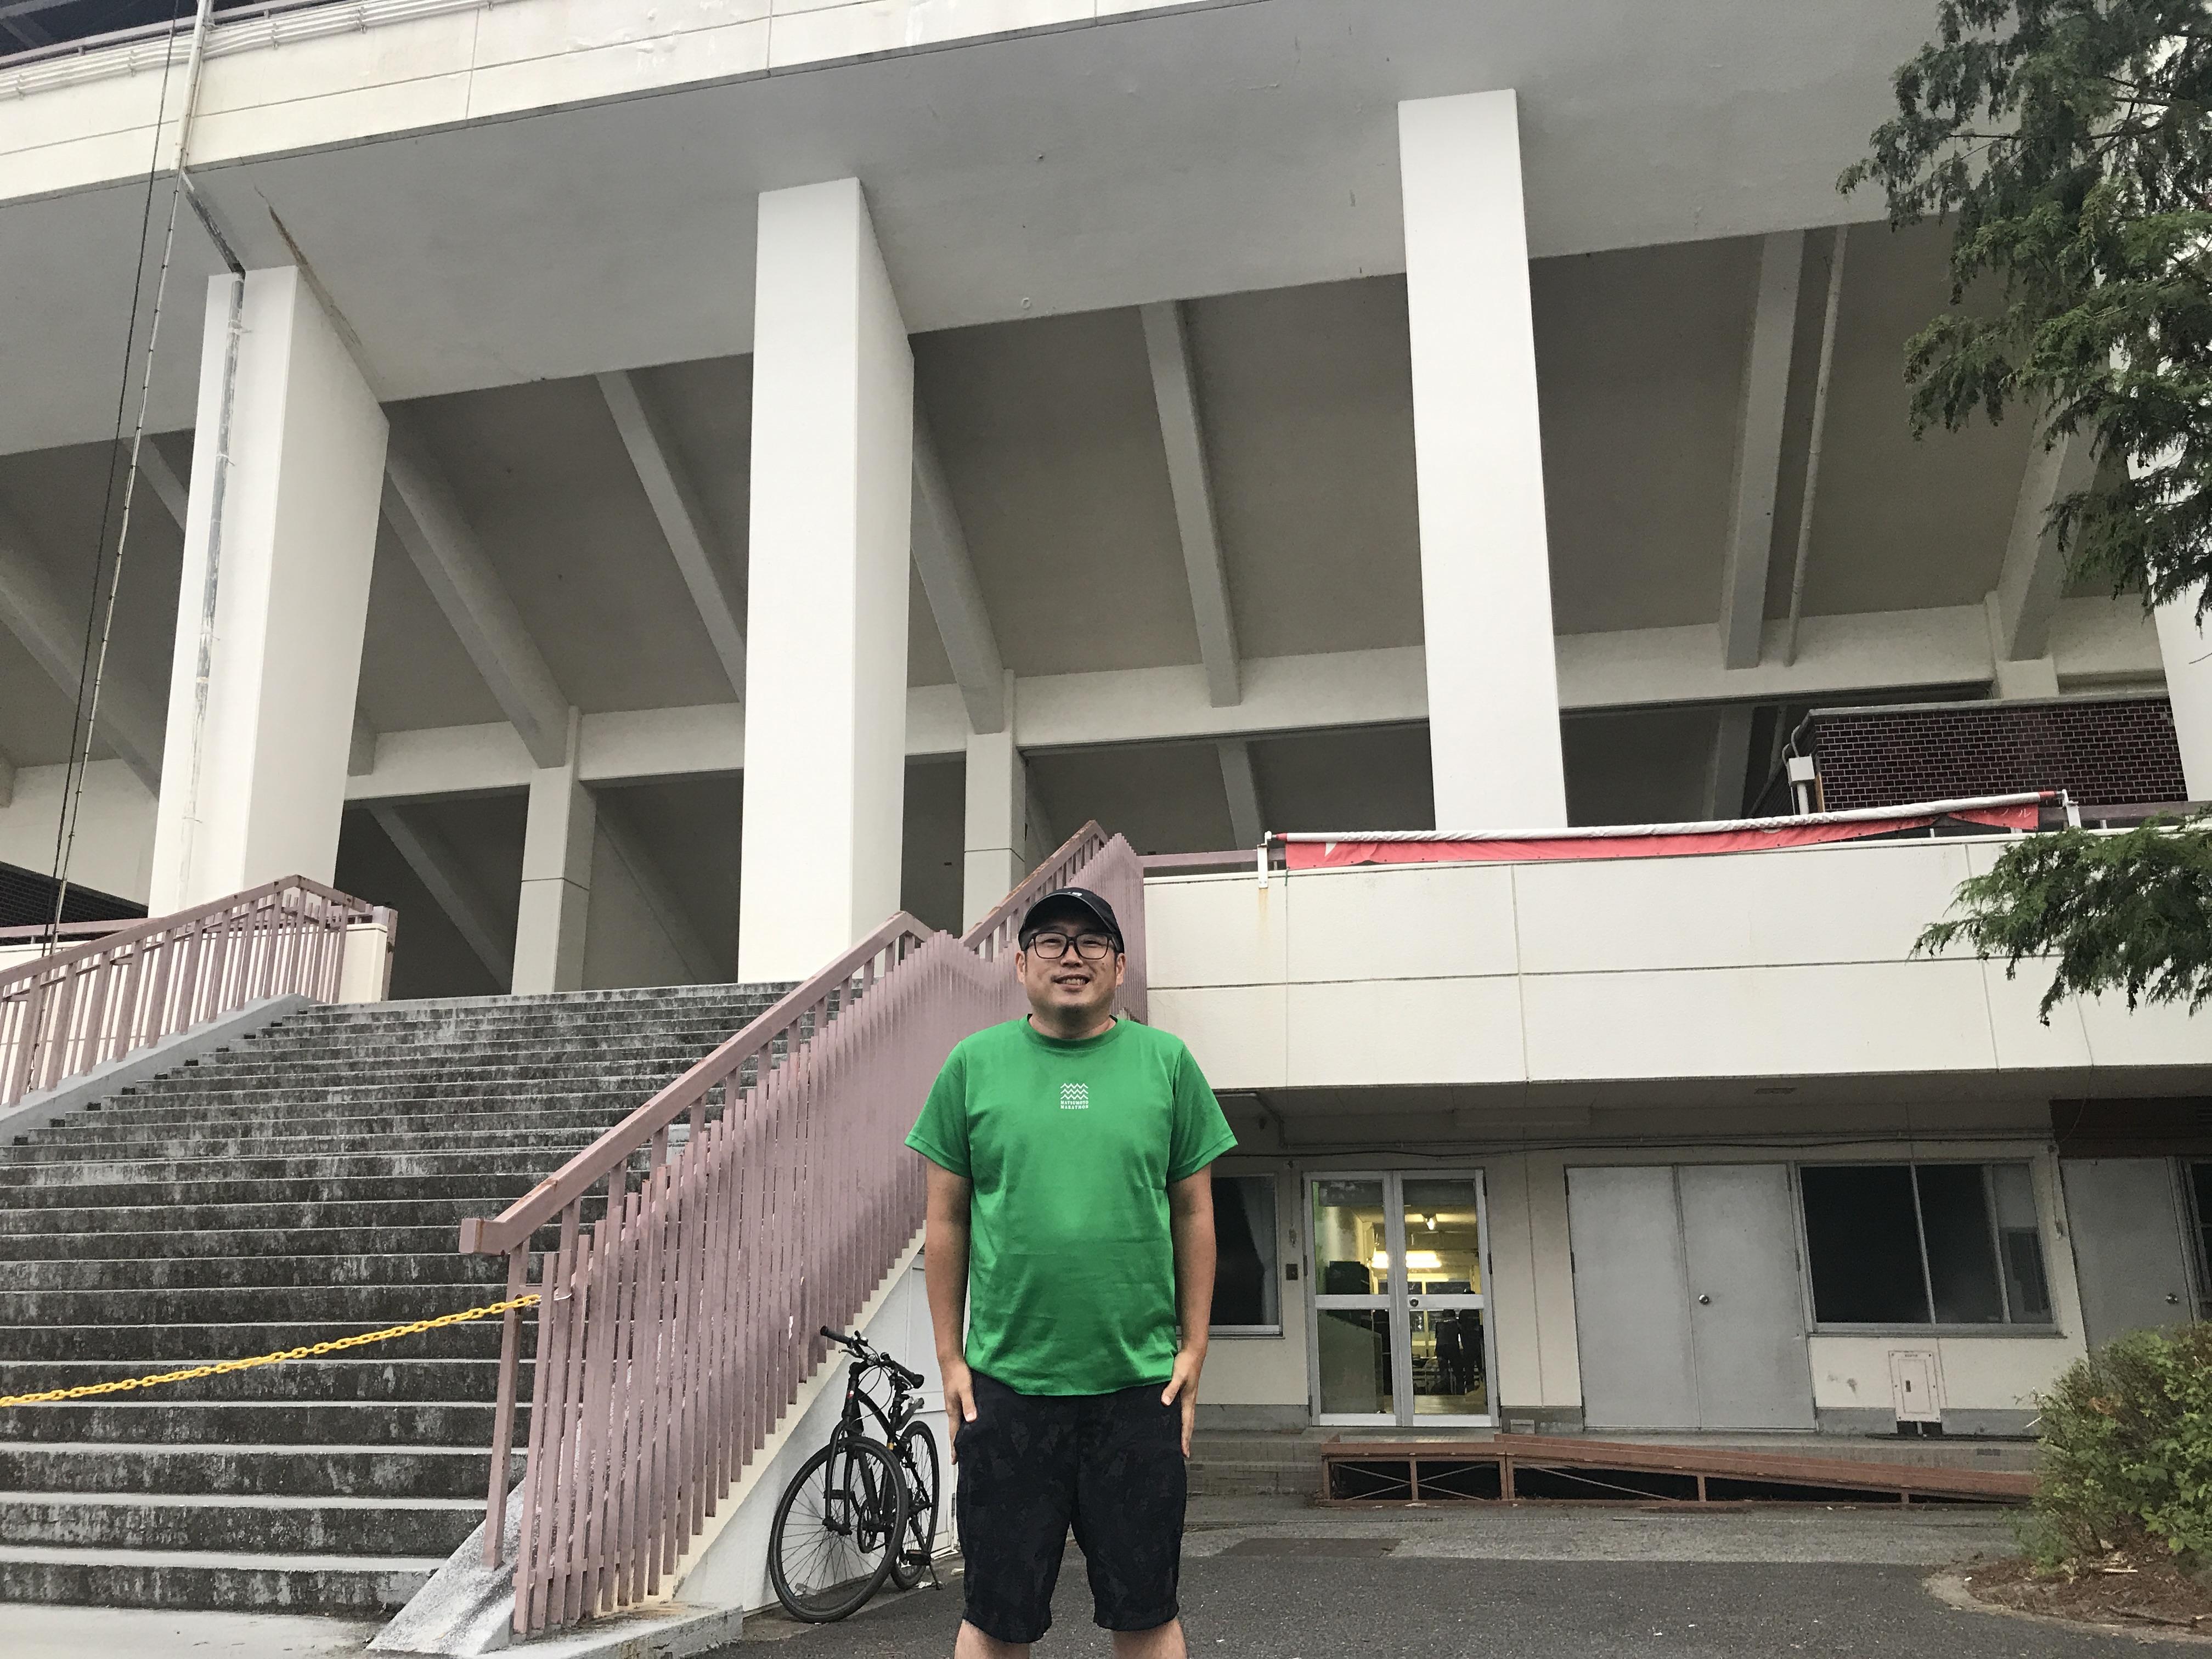 第3回松本マラソン暗くなる前にゴールできました